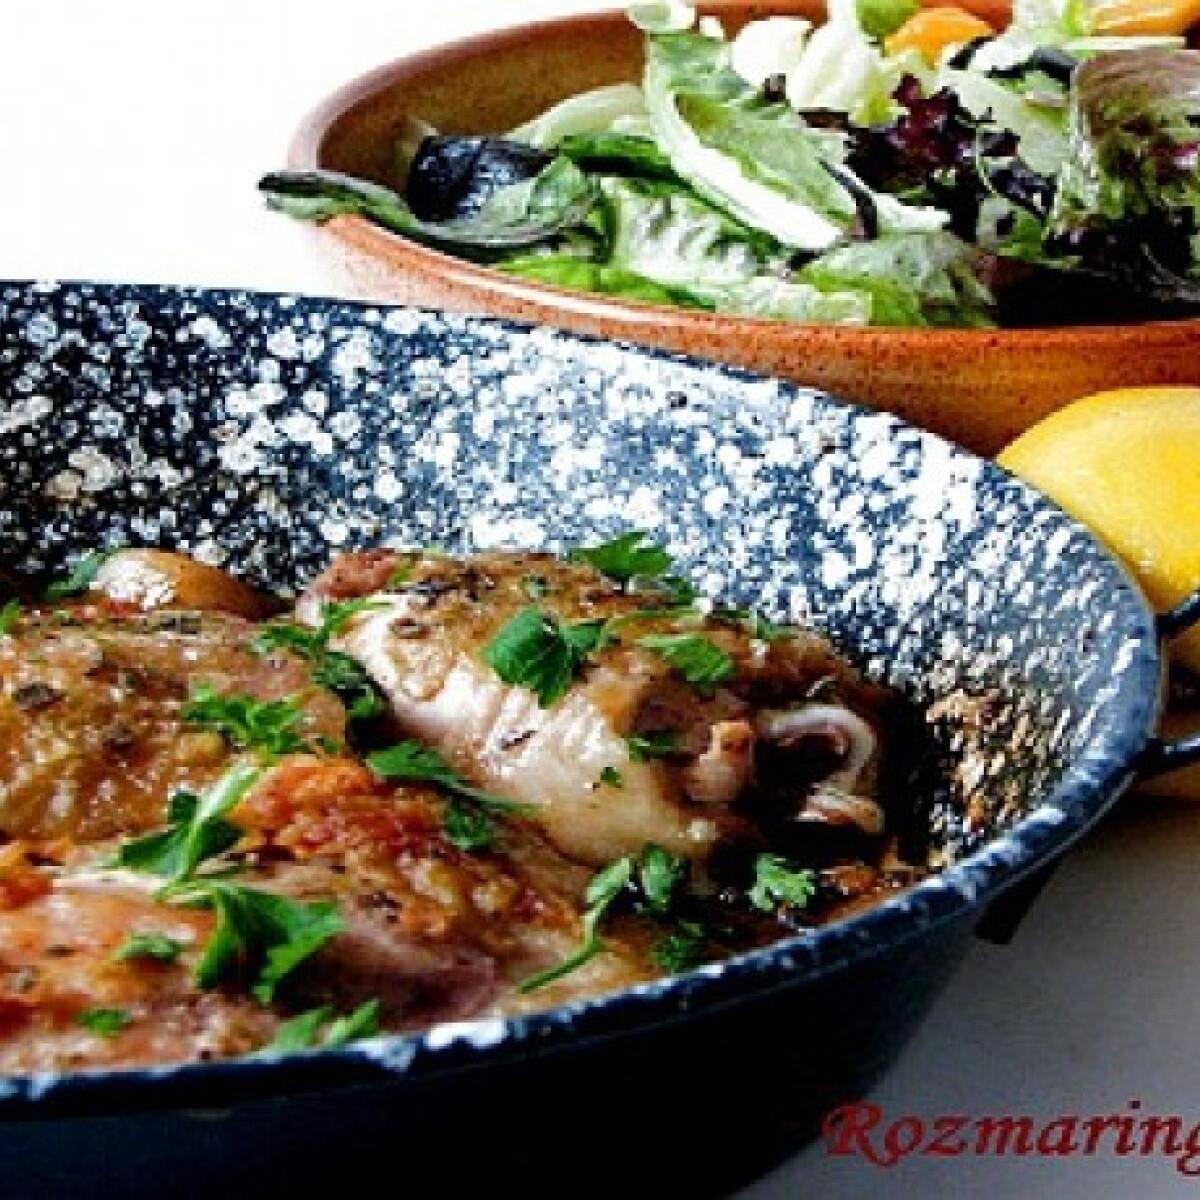 Ezen a képen: Citromos csirke Mamma Agata konyhájából